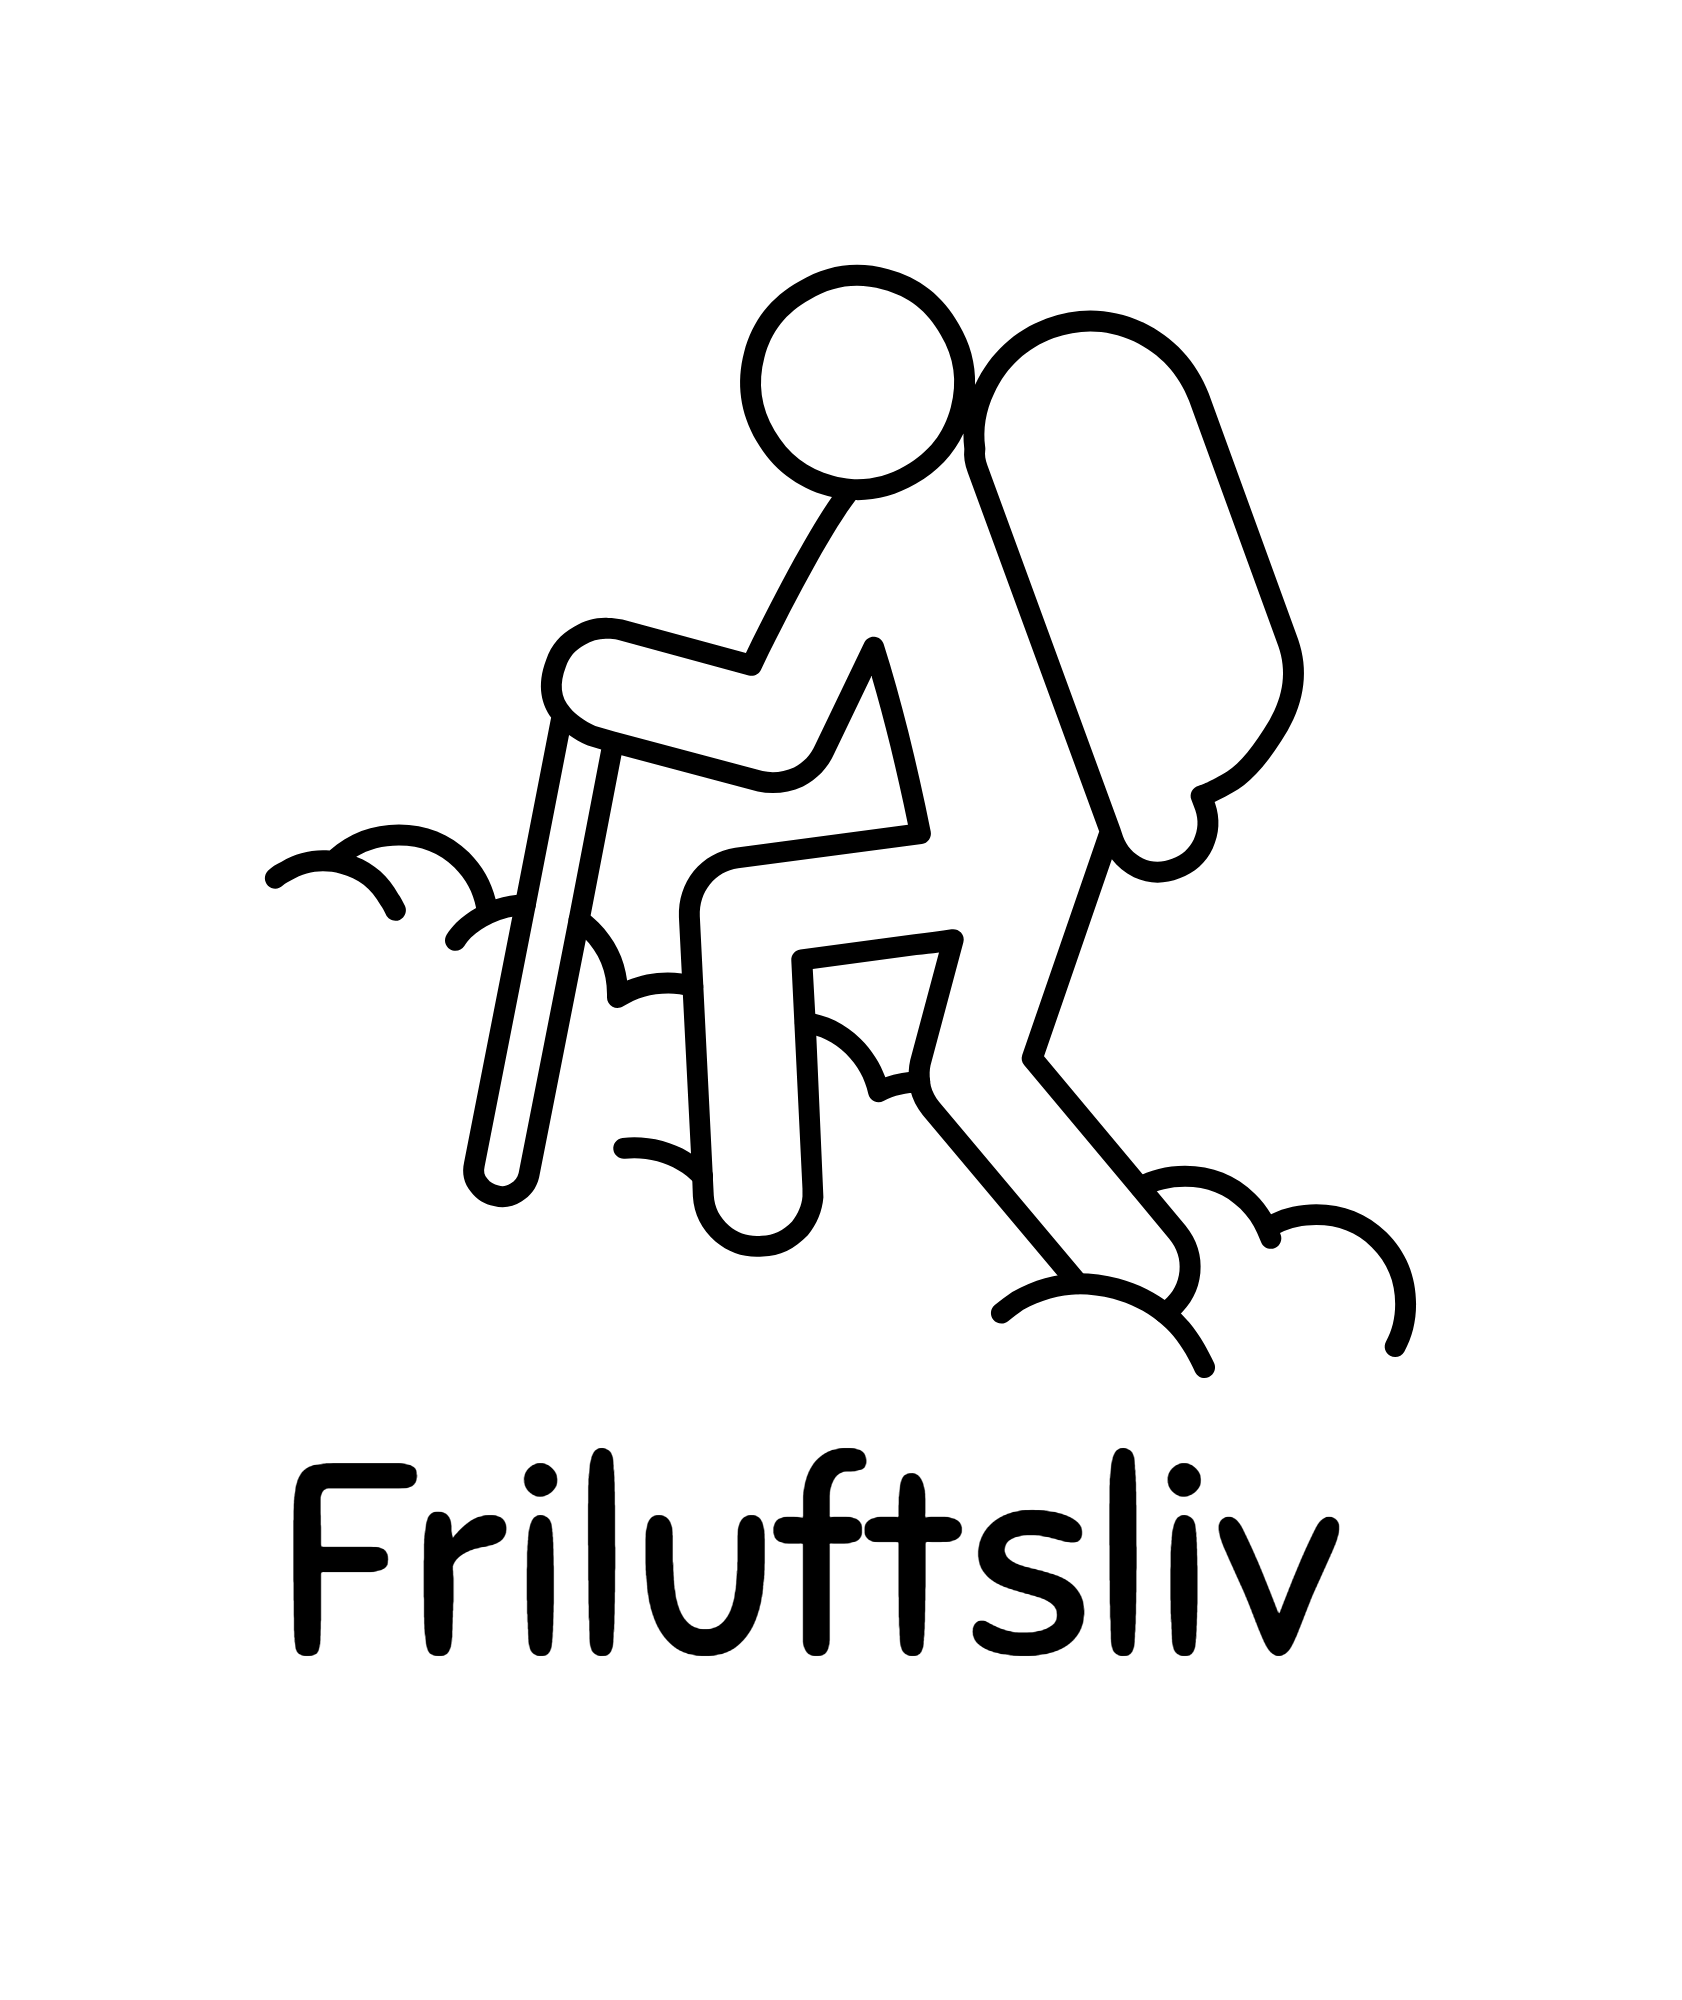 Friluftsliv-logo-black.png